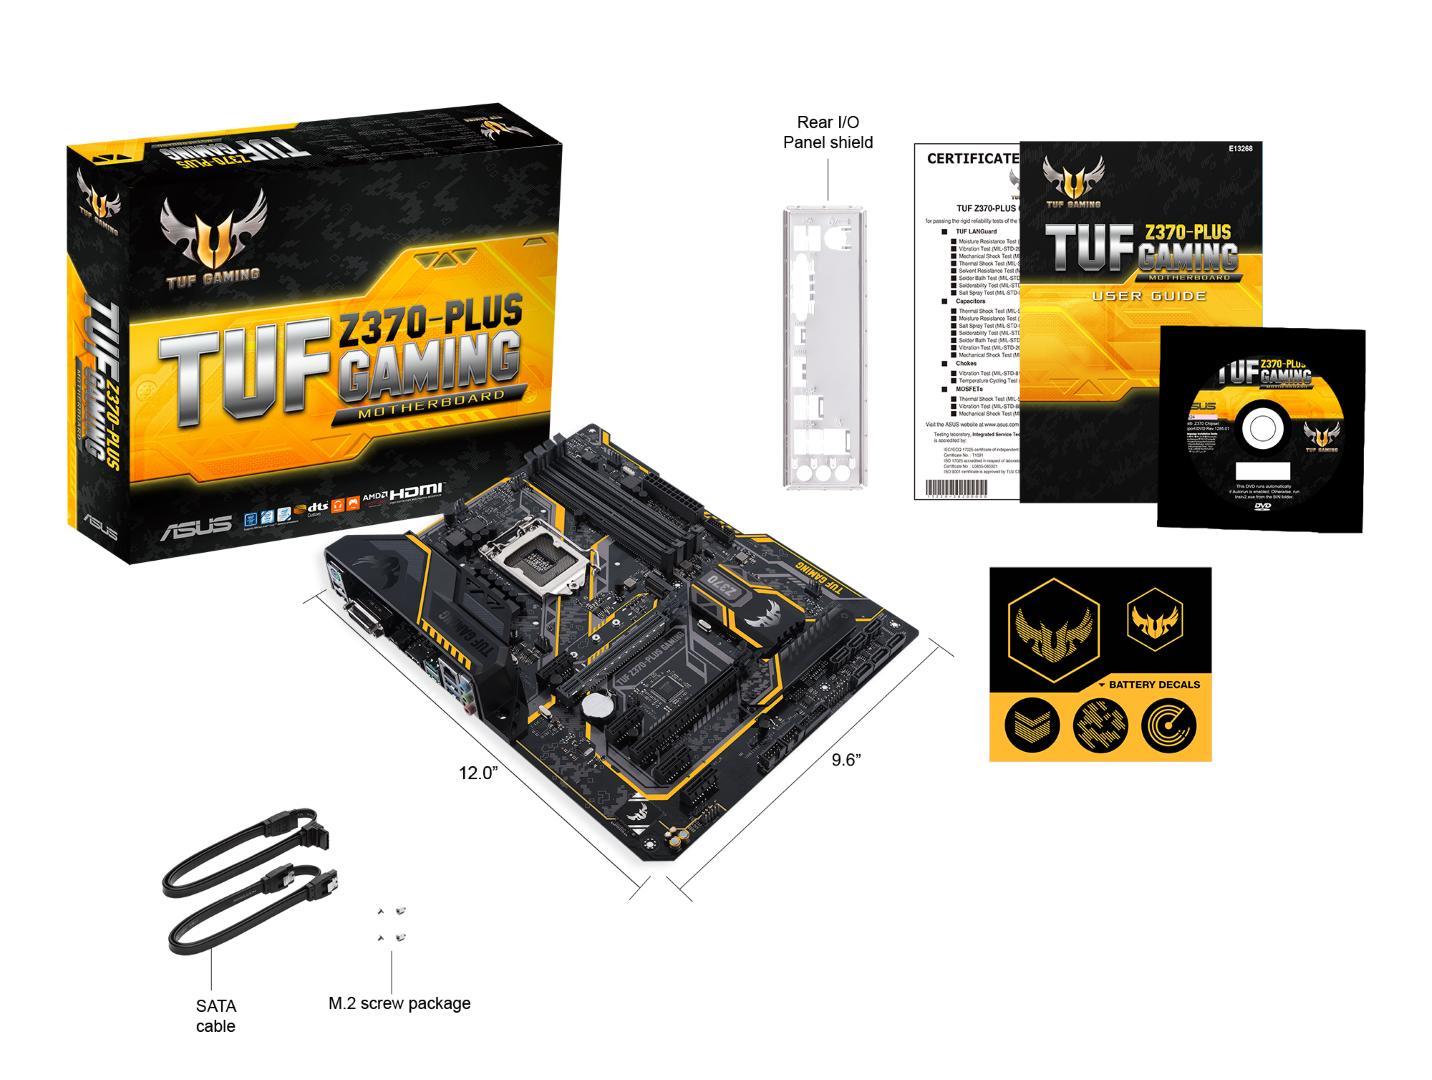 Asus TUF Z370-PLUS GAMING ATX LGA 1151